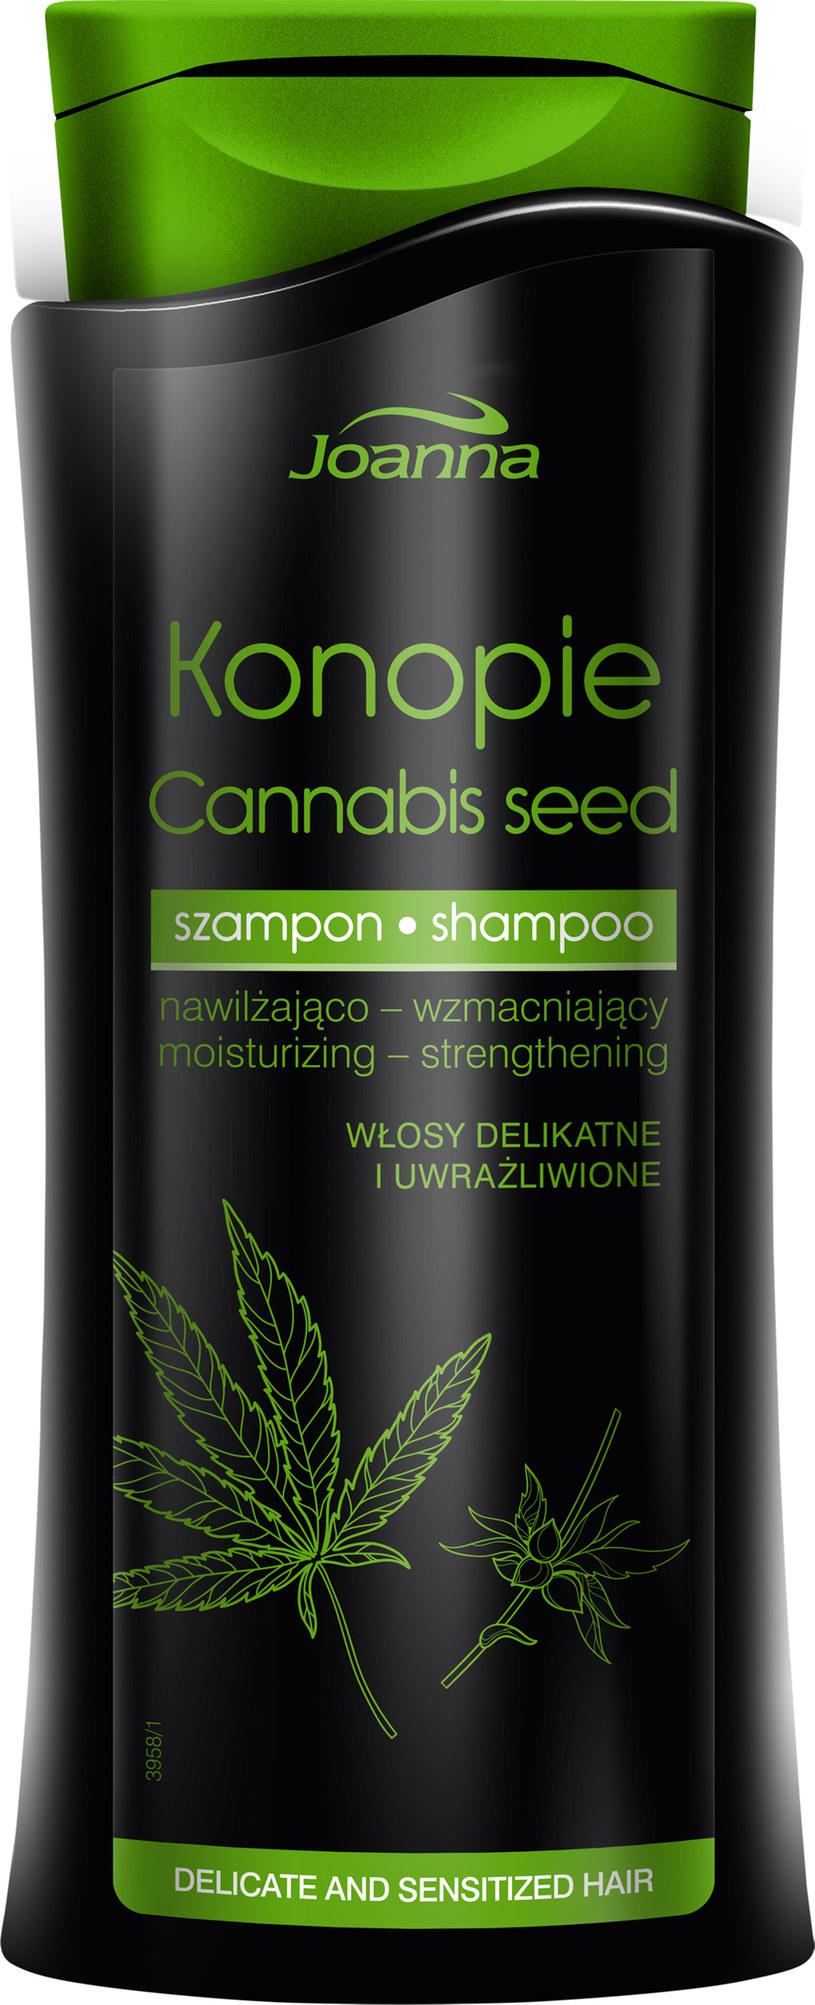 Konopie Cannabis Seed marki Joanna /INTERIA.PL/materiały prasowe